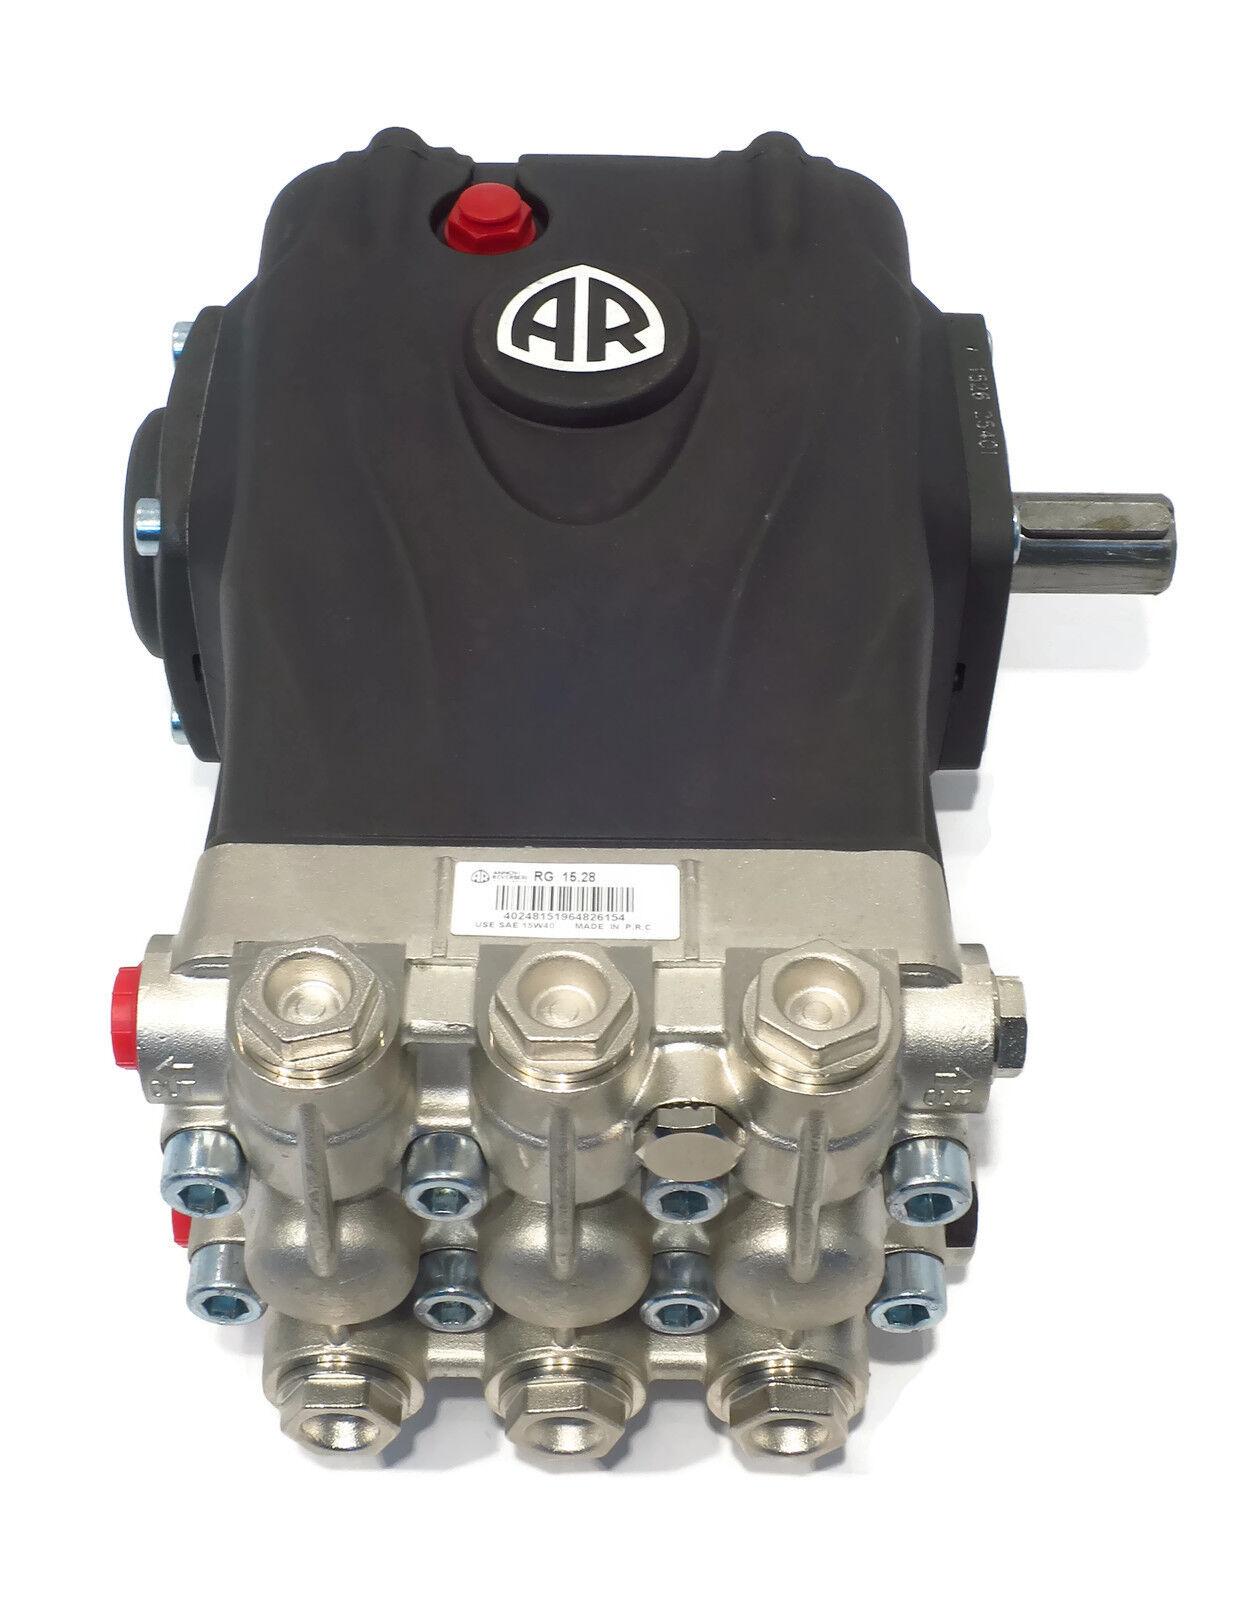 Triplex General Pump TS1011 Pump 4.4 GPM@2000 PSI 24mm Solid Shaft 1450 RPM